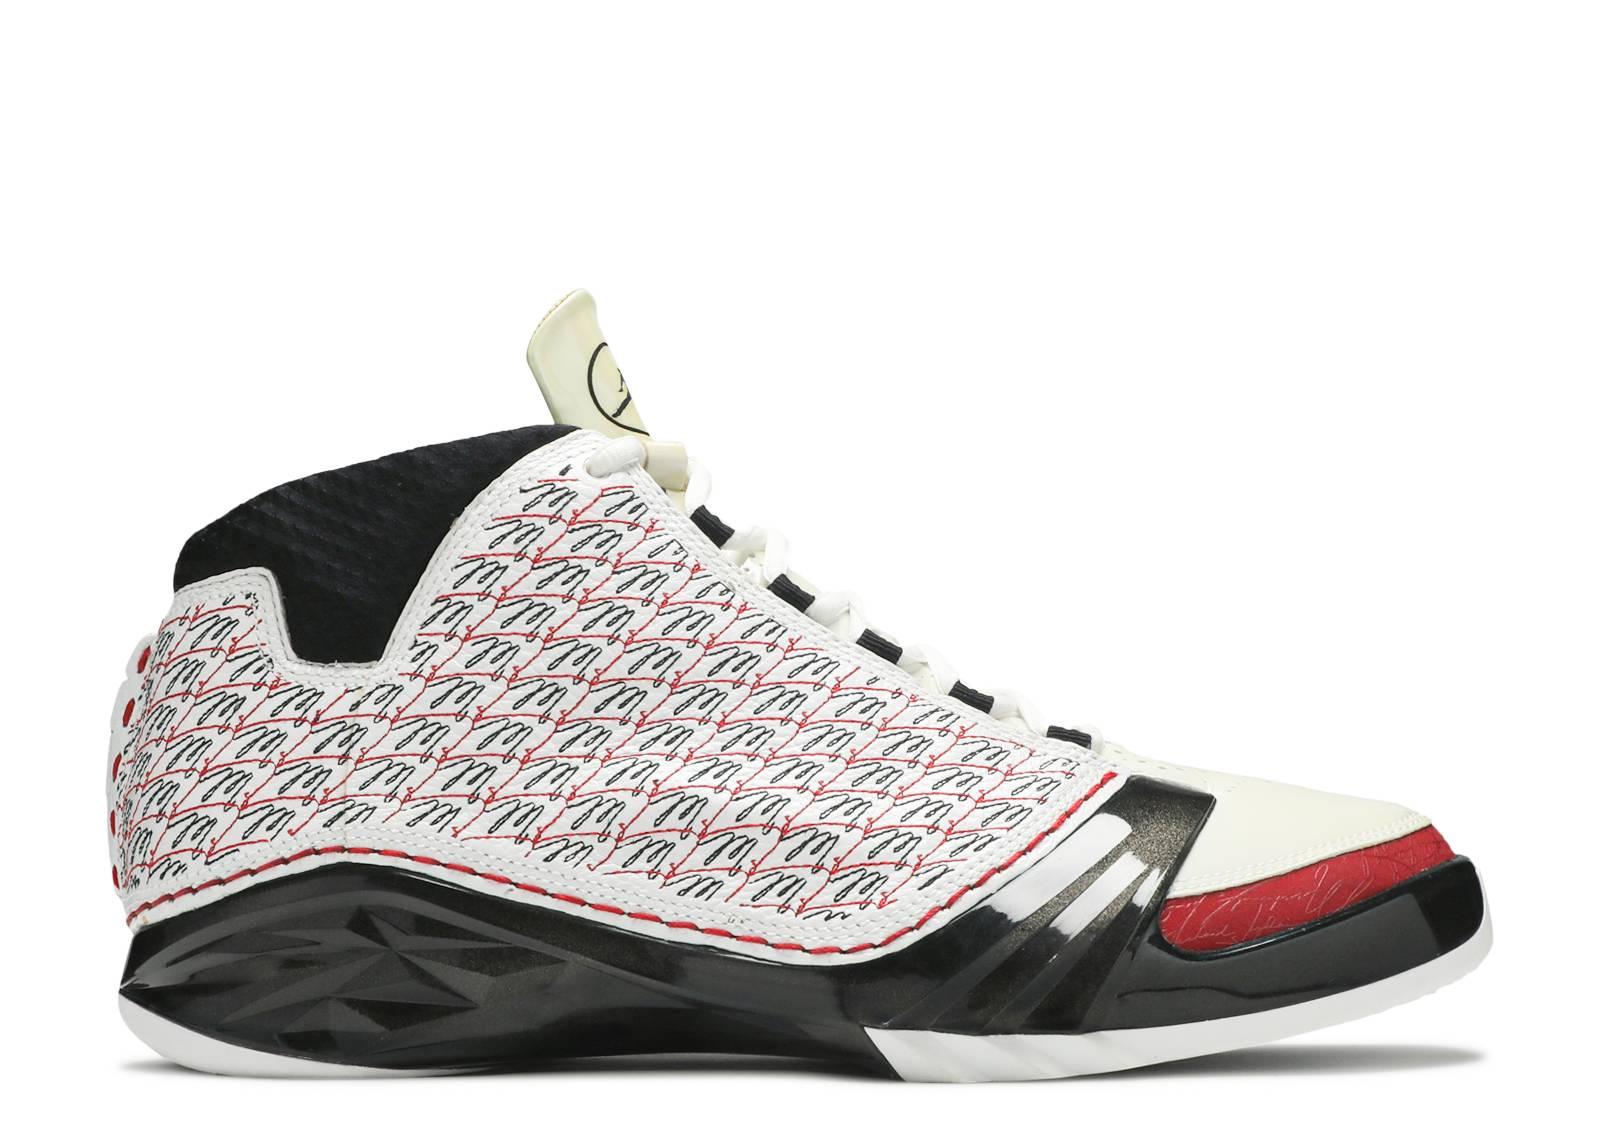 Air Jordan 23